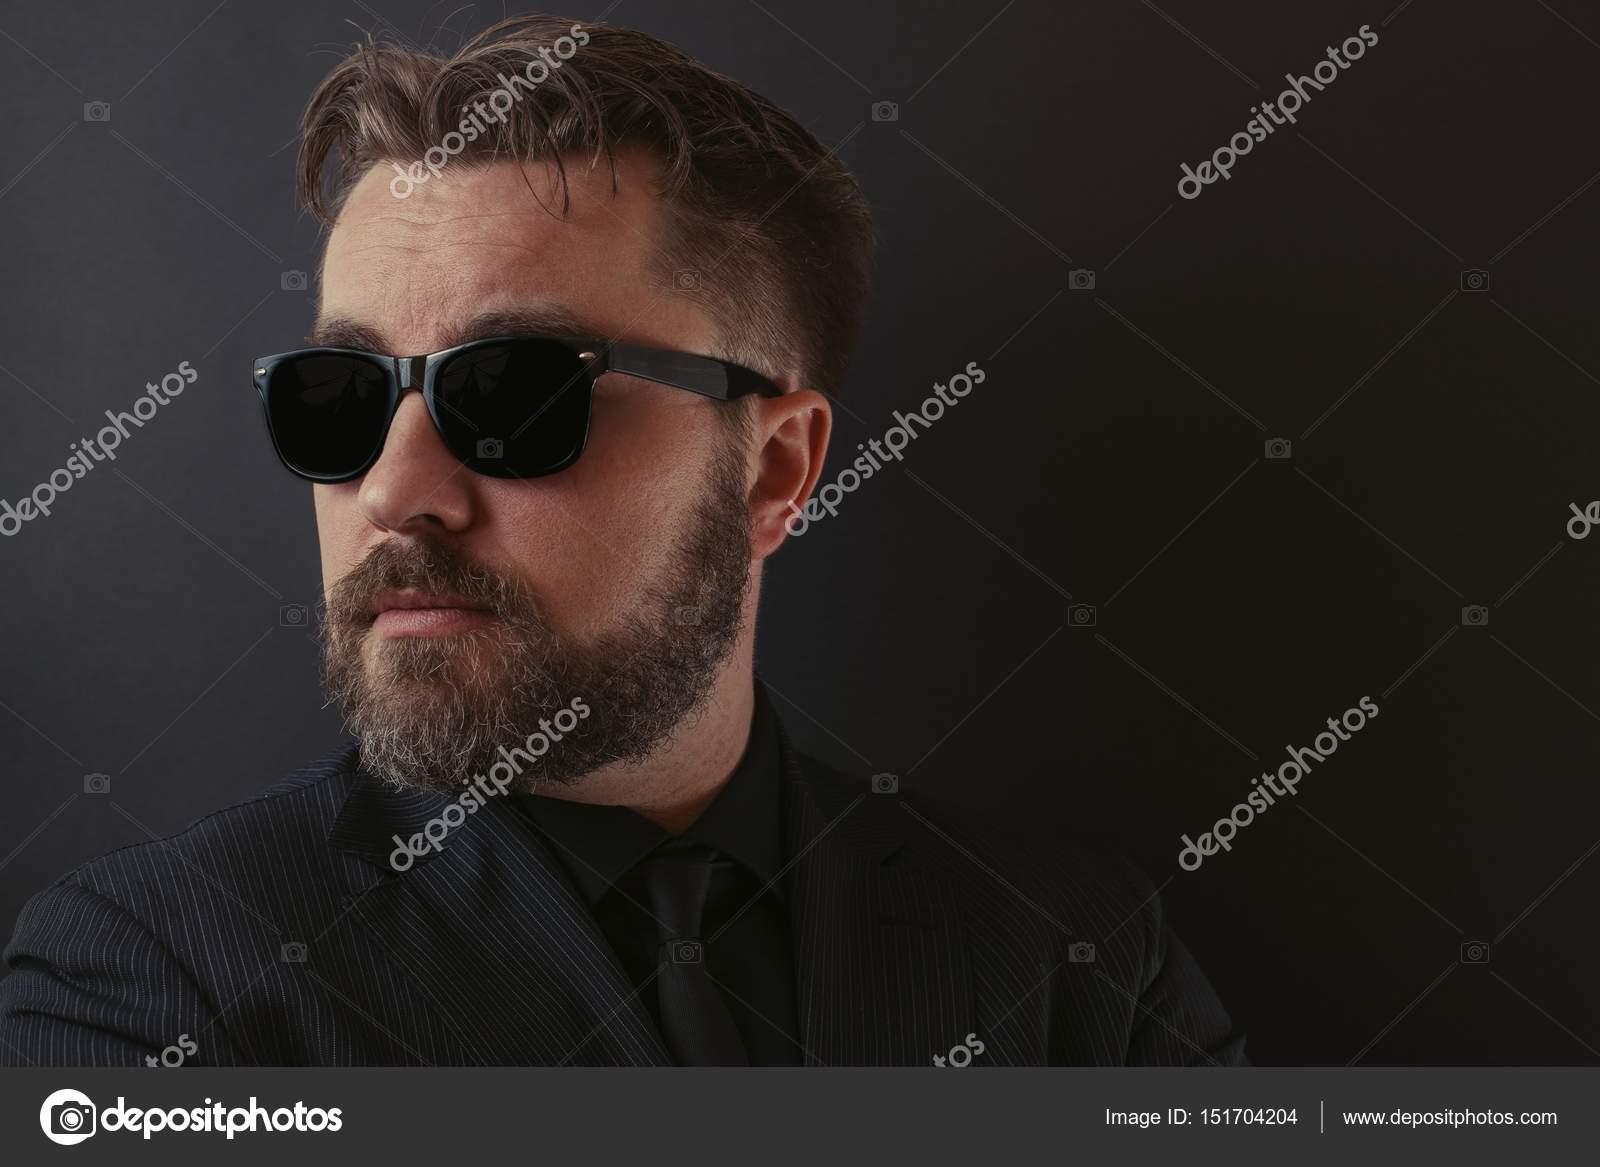 Un Brutal Con Y Barba Elegante Hombre Peinado Traje Una En R4AL5j